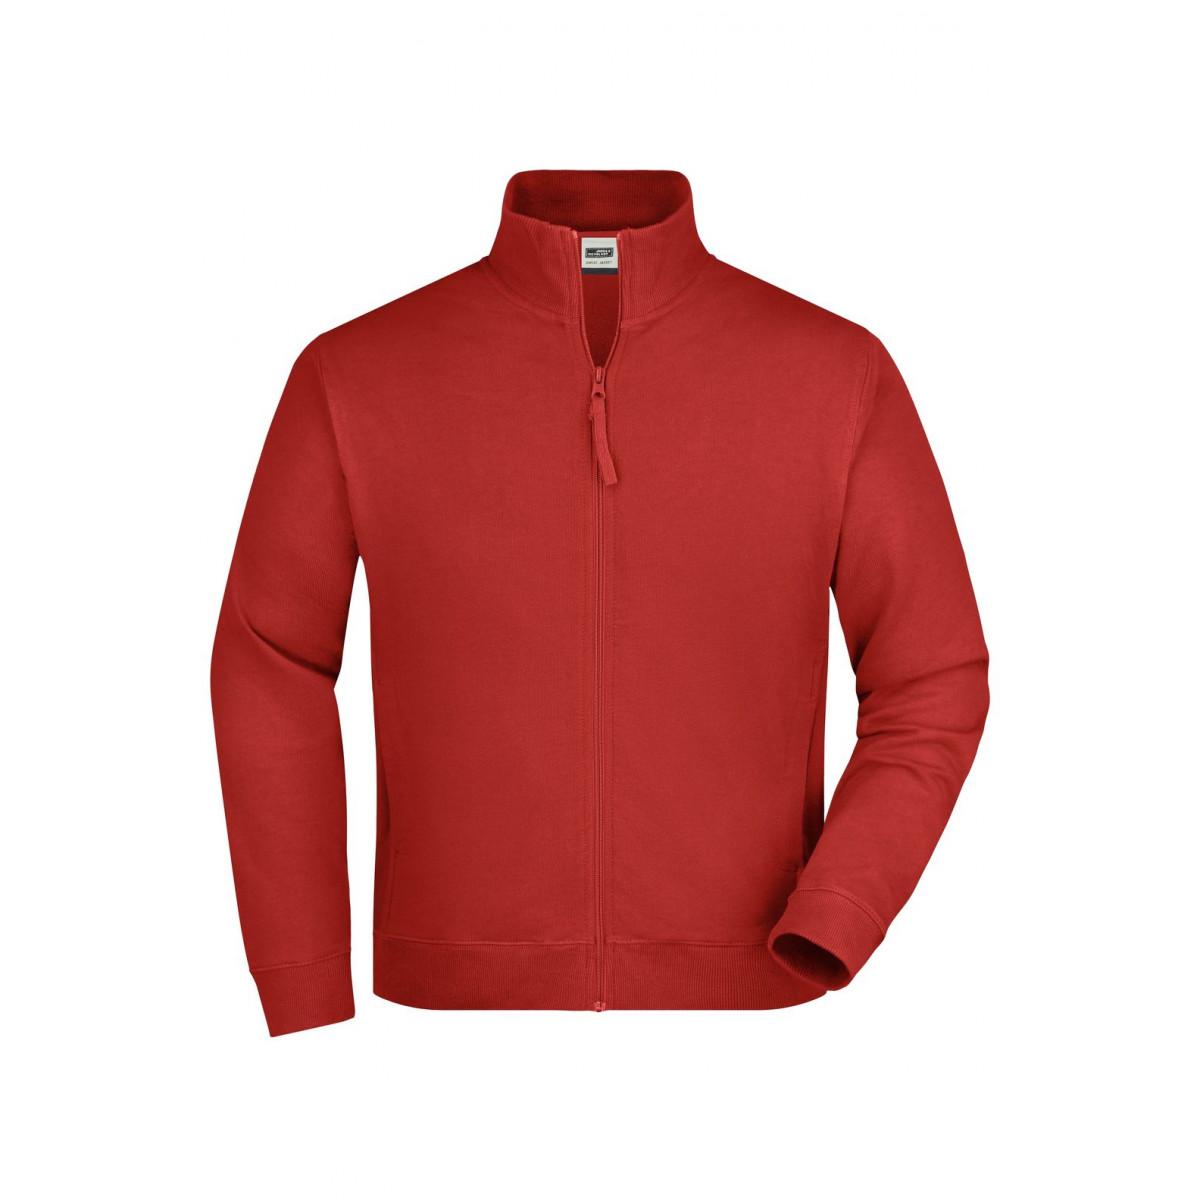 Толстовка мужская JN058 Sweat Jacket - Бордовый